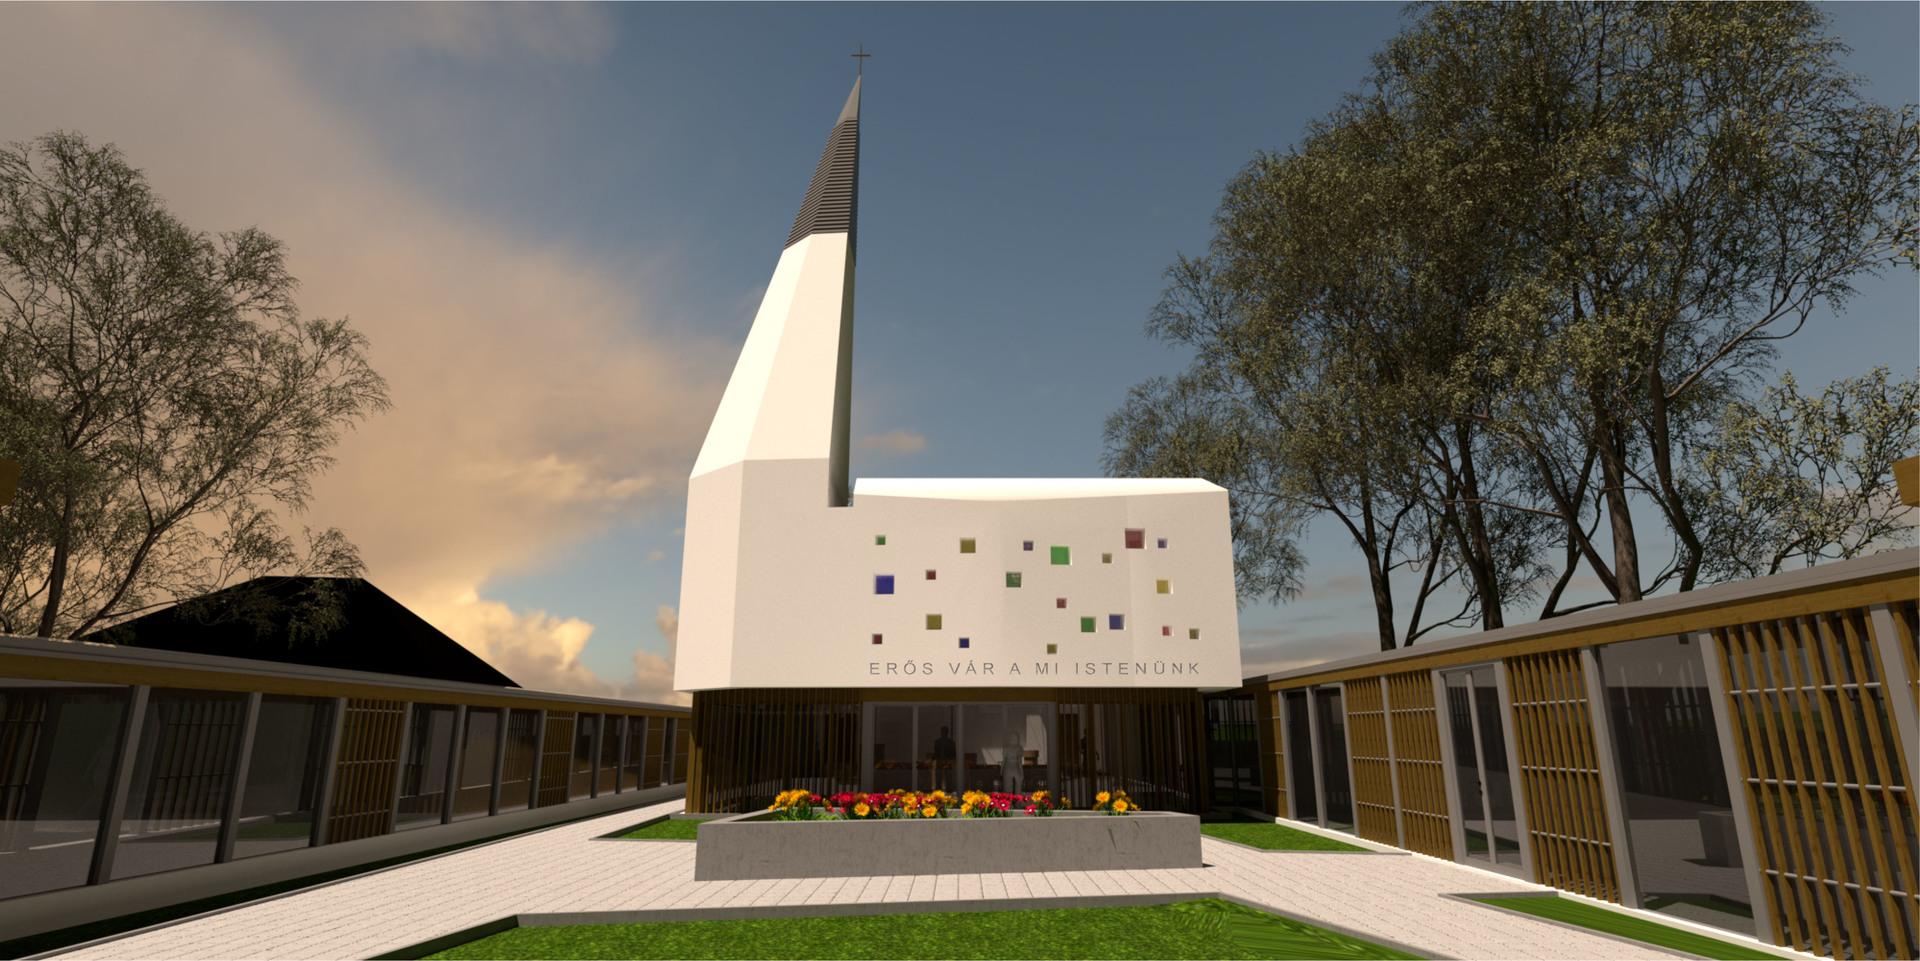 Modell für den Neubau der Kirche in Piliscsaba in Ungarn